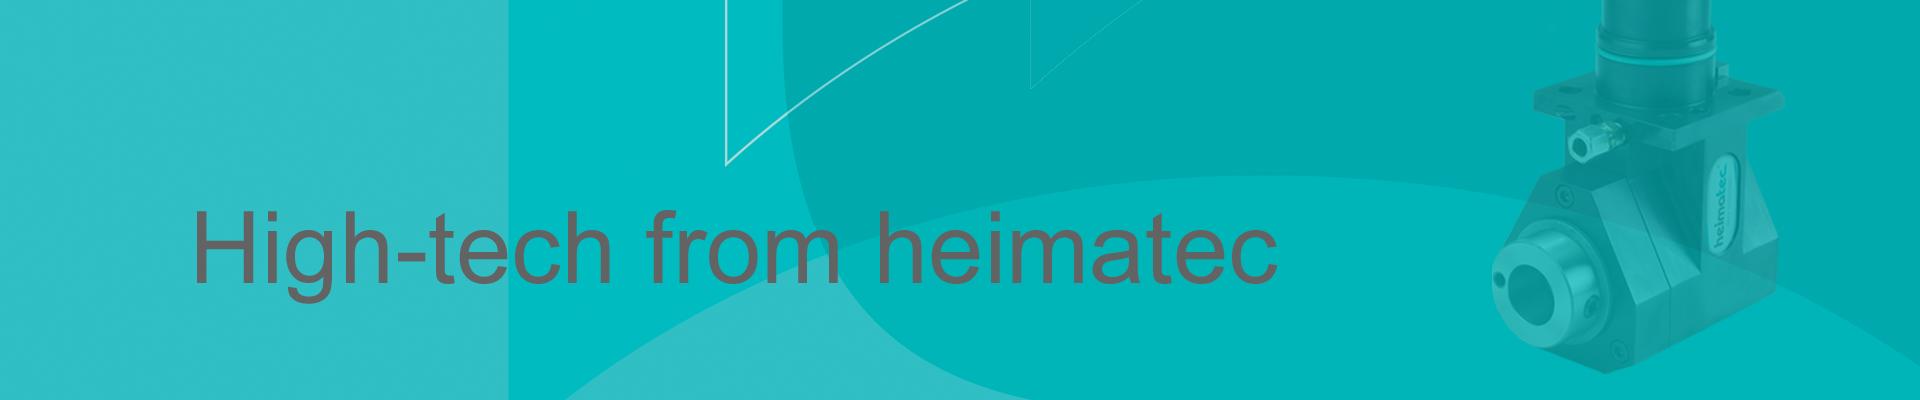 High-Tech from heimatec